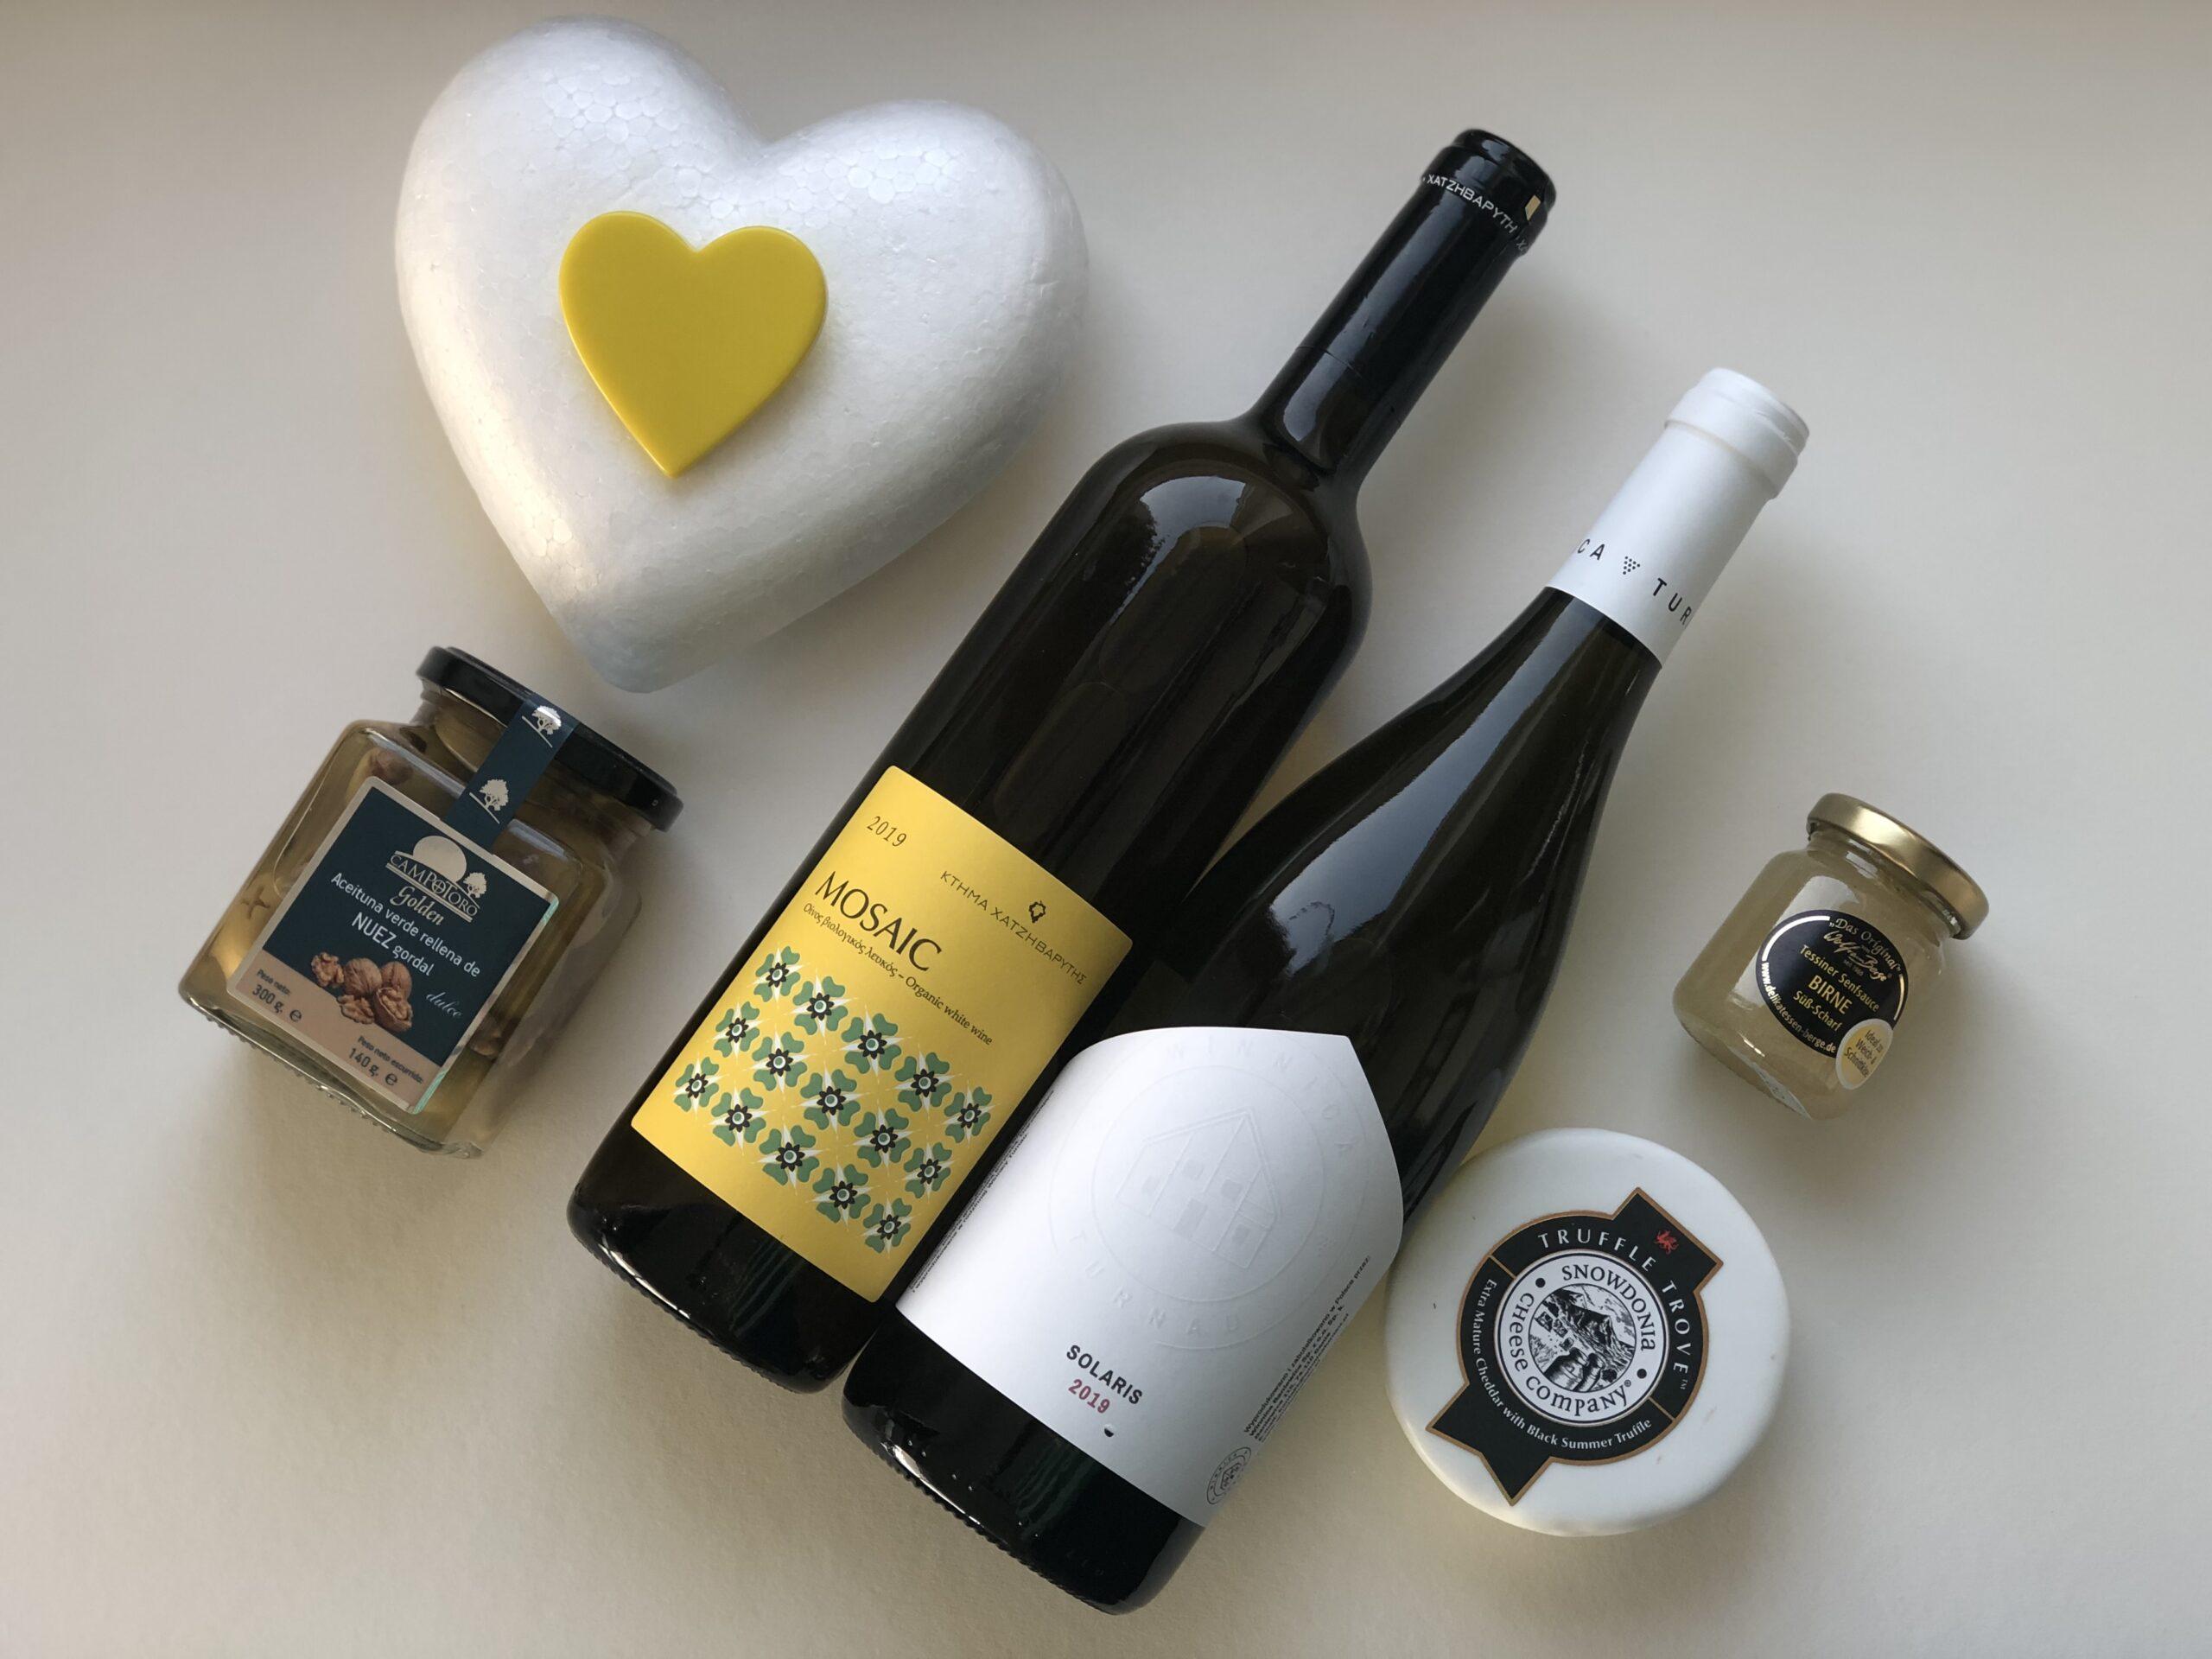 Geschenkpaket Weissweine Solaris und Mosaic, Cheddar-Kaese, Tessiner-Senf, Oliven mit Walnuessen